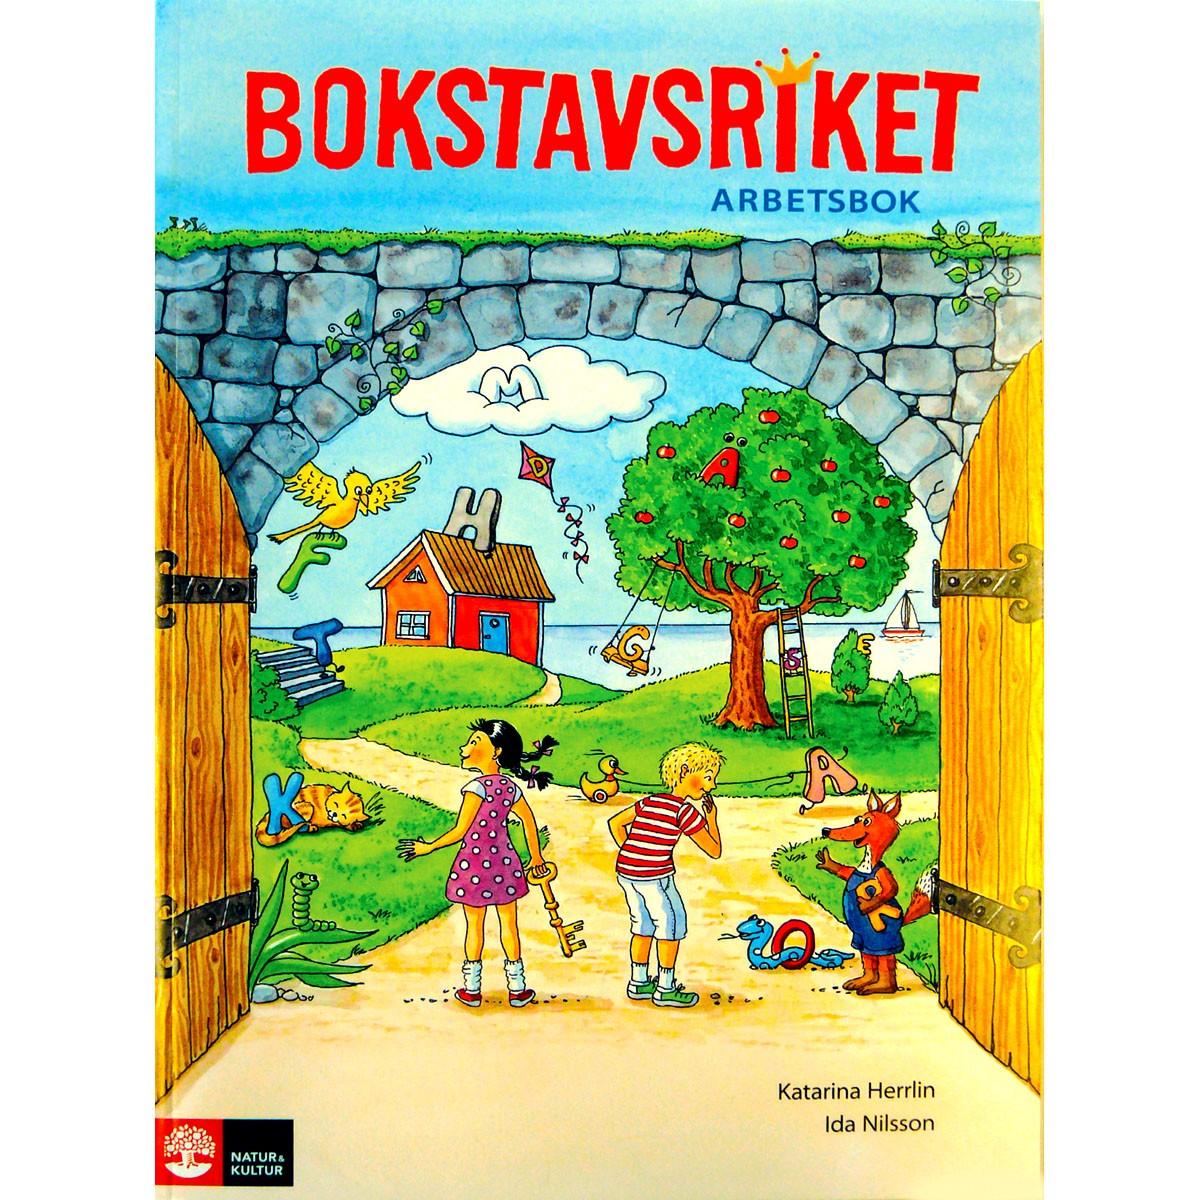 Bokstavsriket - Arbetsboken